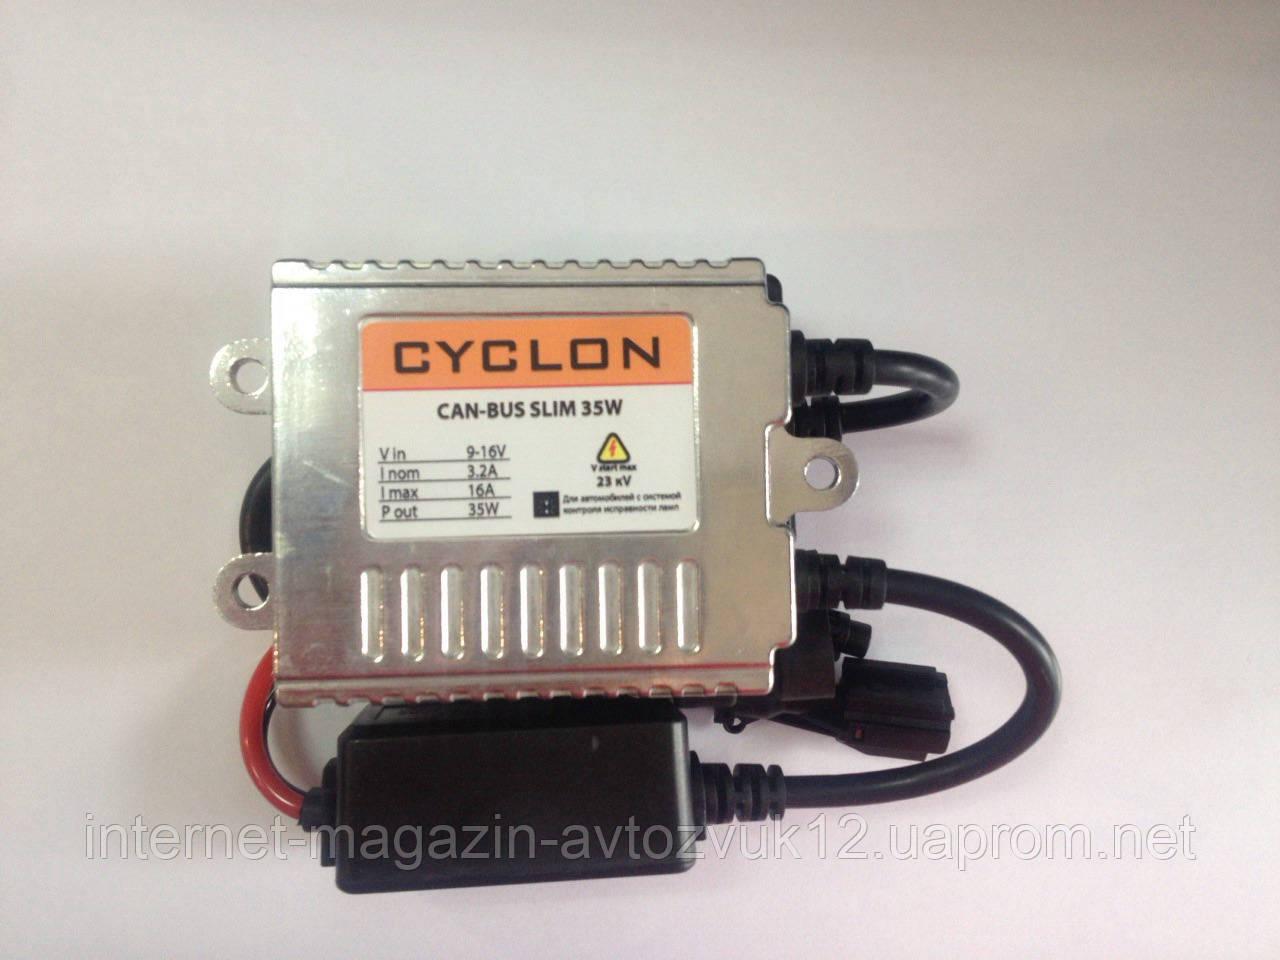 Блок розжига CYCLON CAN-BUS 35W SLIM